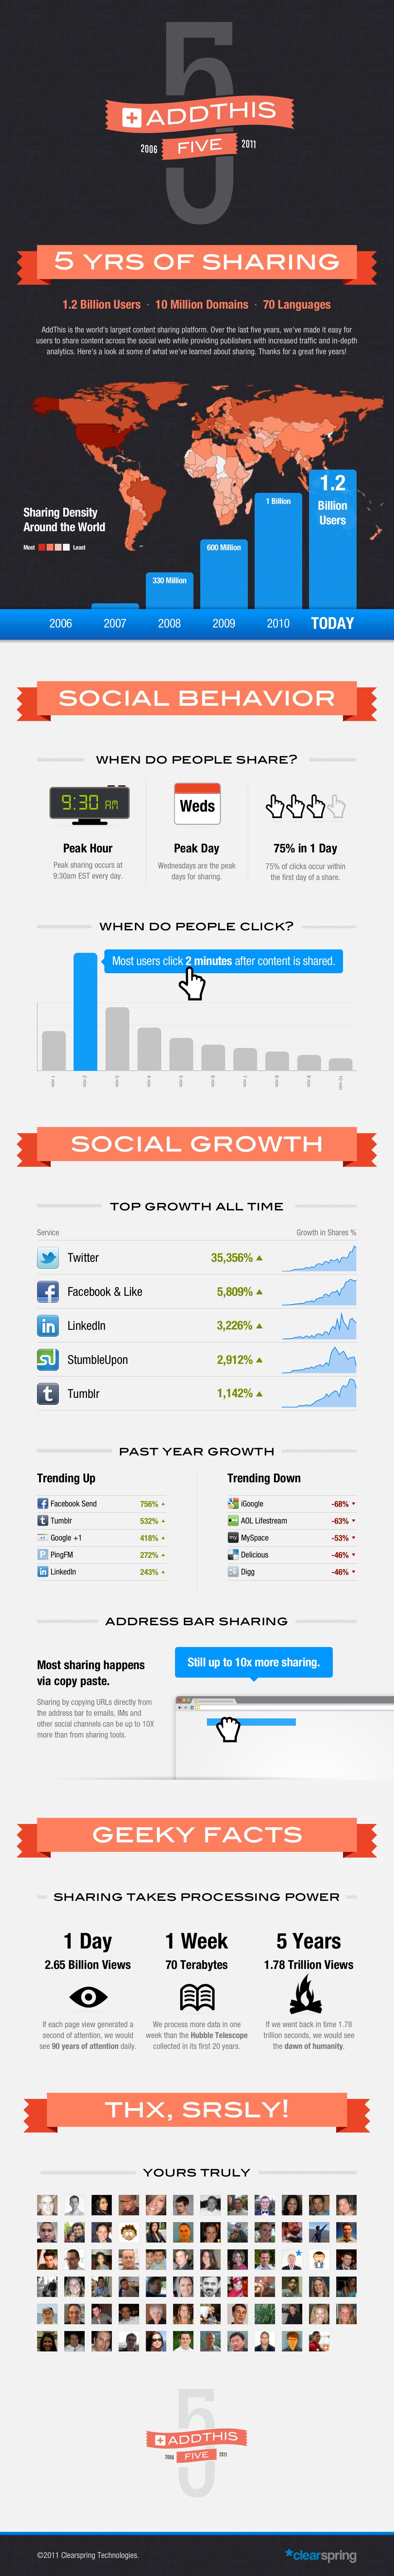 Graphique sur l'évolution des médias sociaux